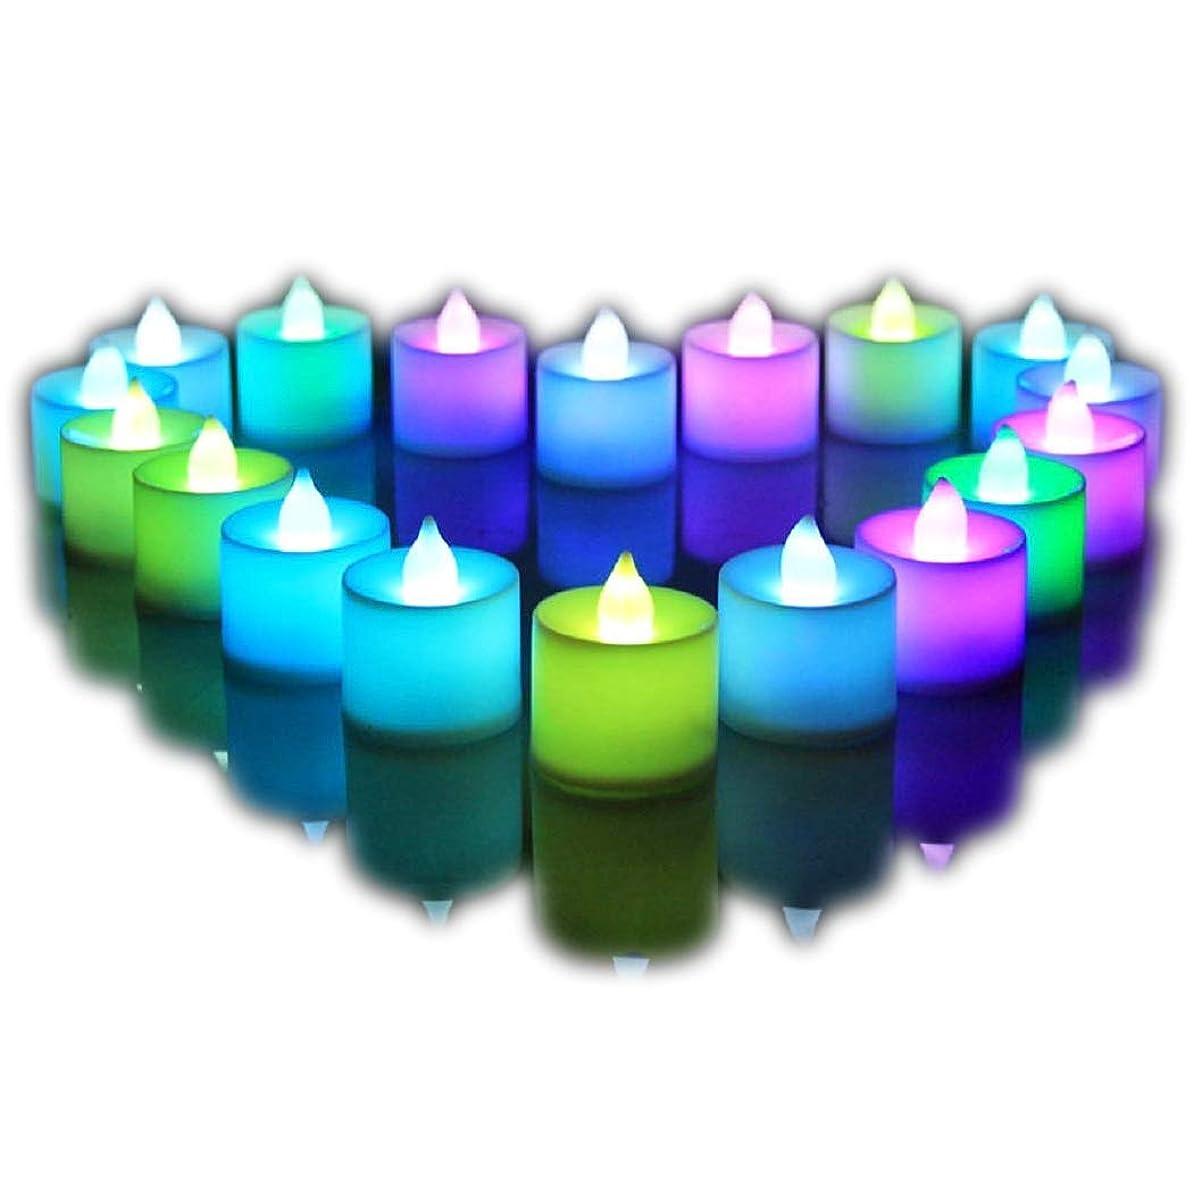 地図満足記憶LED キャンドルライト, 電池付き ,7色点滅 ,24個セット , 電気 無煙蝋燭 LED イルミネーション,蝋燭ライト,室内電飾 パーディー 誕生日 結婚式 屋外 ,夕飯飾りクリスマス ,飾り (カラー)